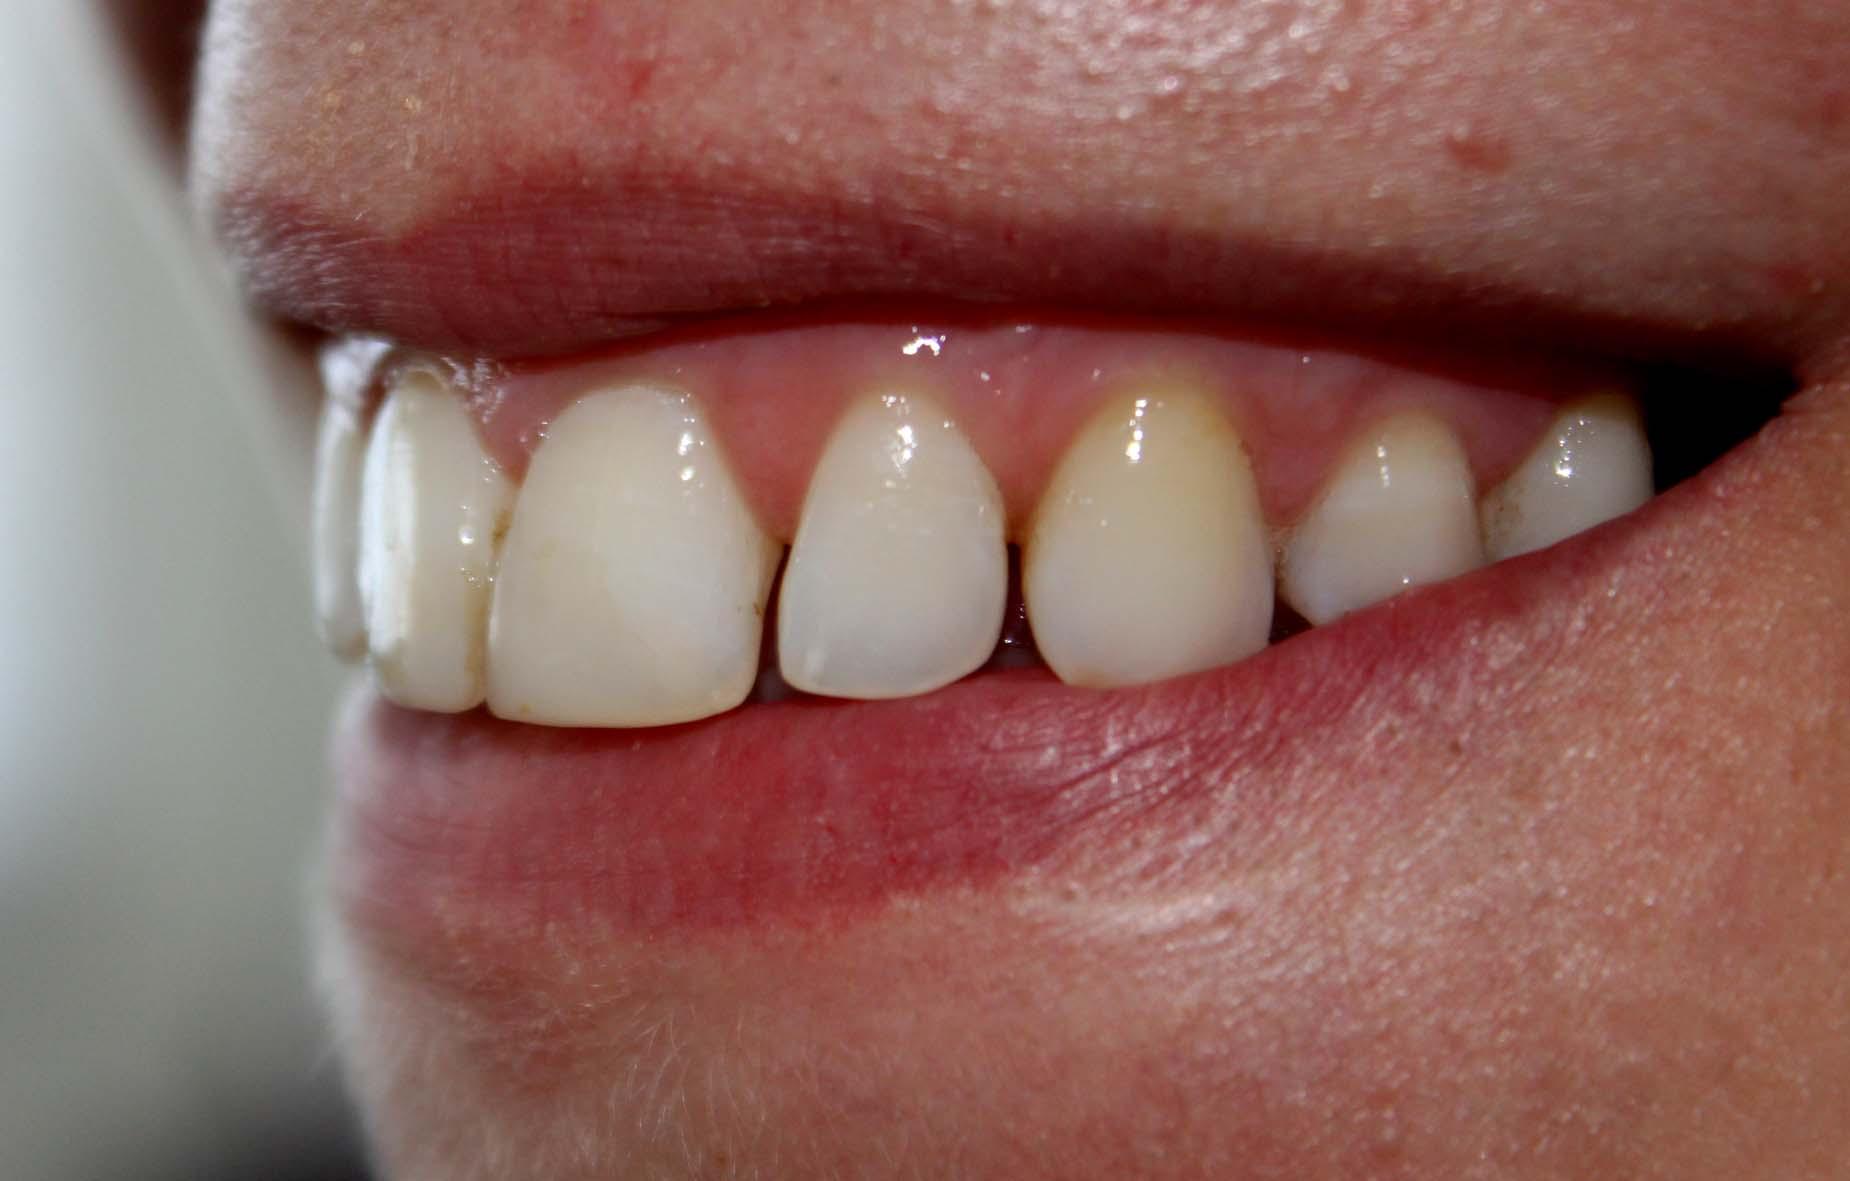 ULTERIORE seguito alla domanda: Il dentista ha fatto un buon lavoro a livello estetico, ma ha completamente sbagliato il colore della ricostruzione in